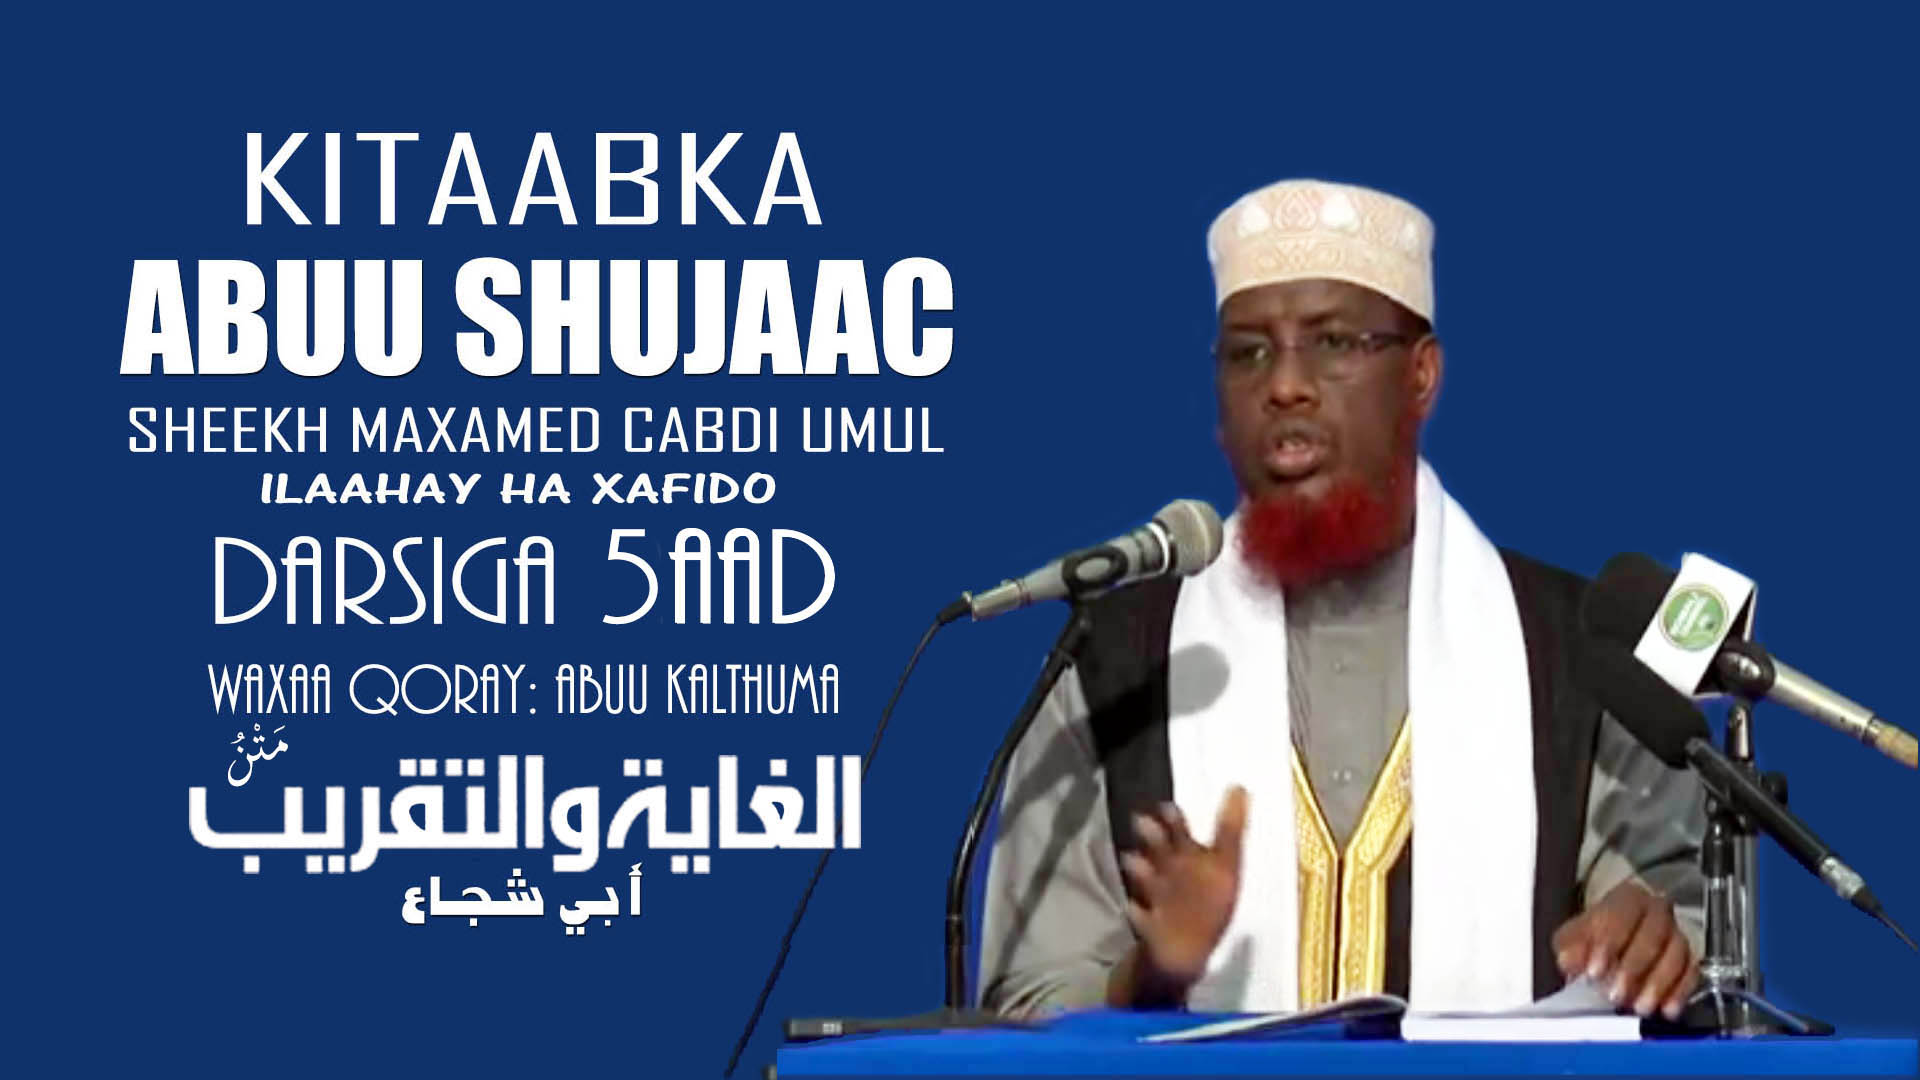 Kitaabka Abuu Shujaac – Qaybta 5aad